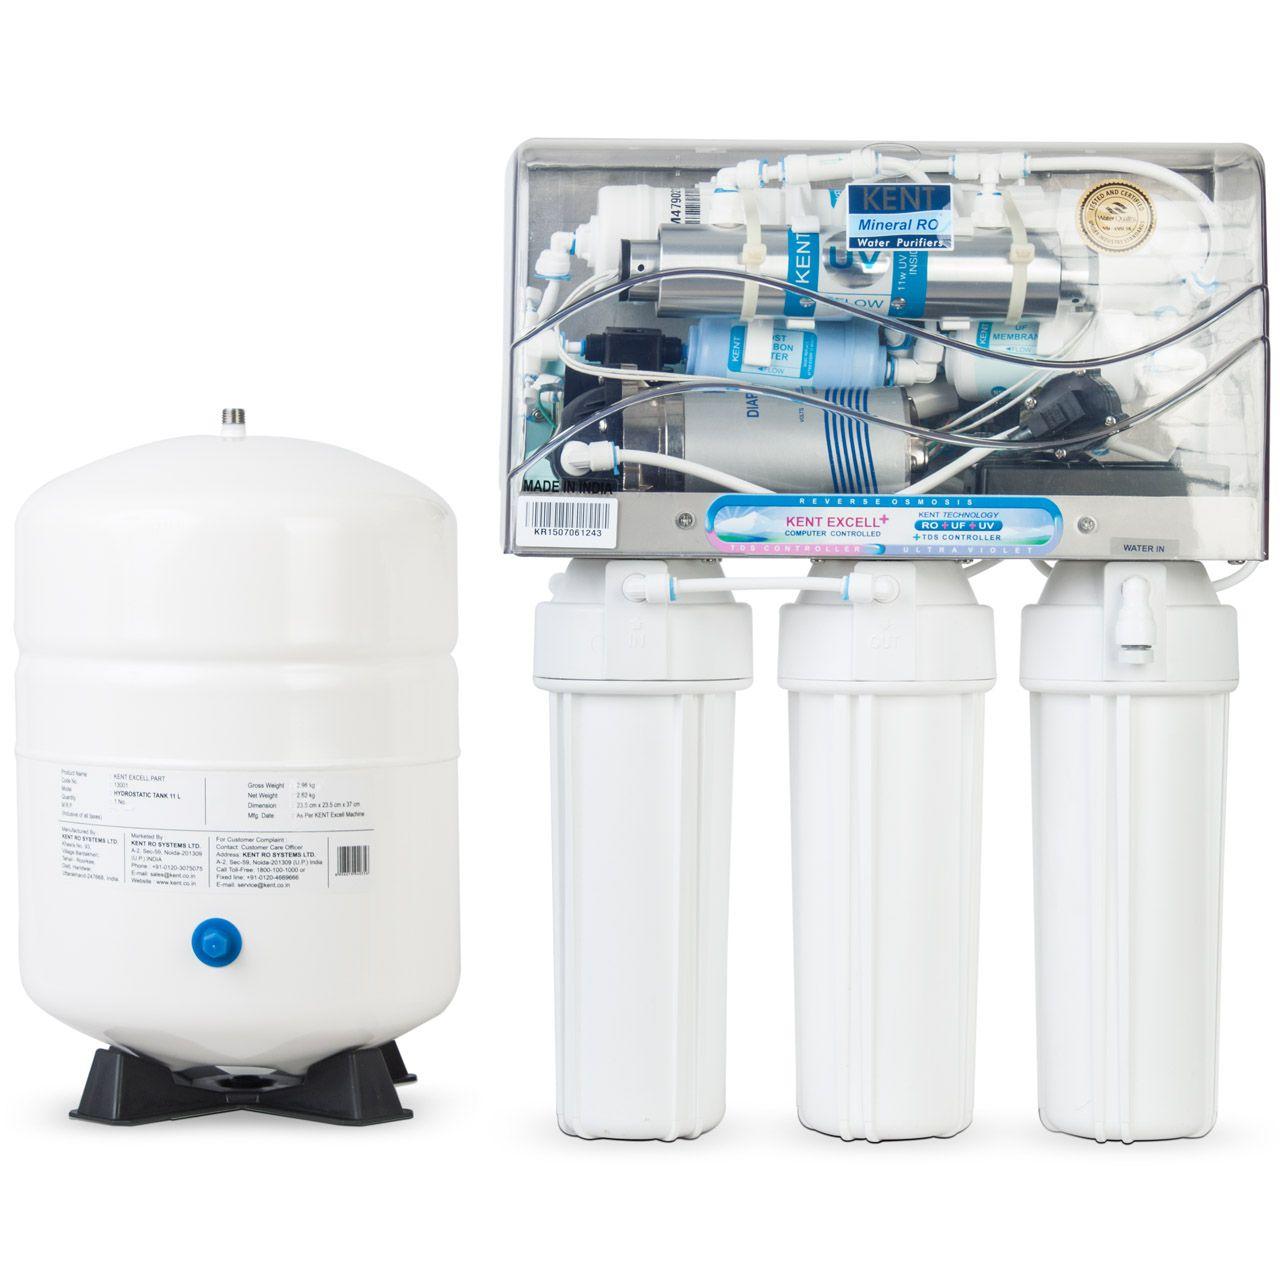 دستگاه تصفیه آب خانگی کنت (Kent) مدل Excell Plus